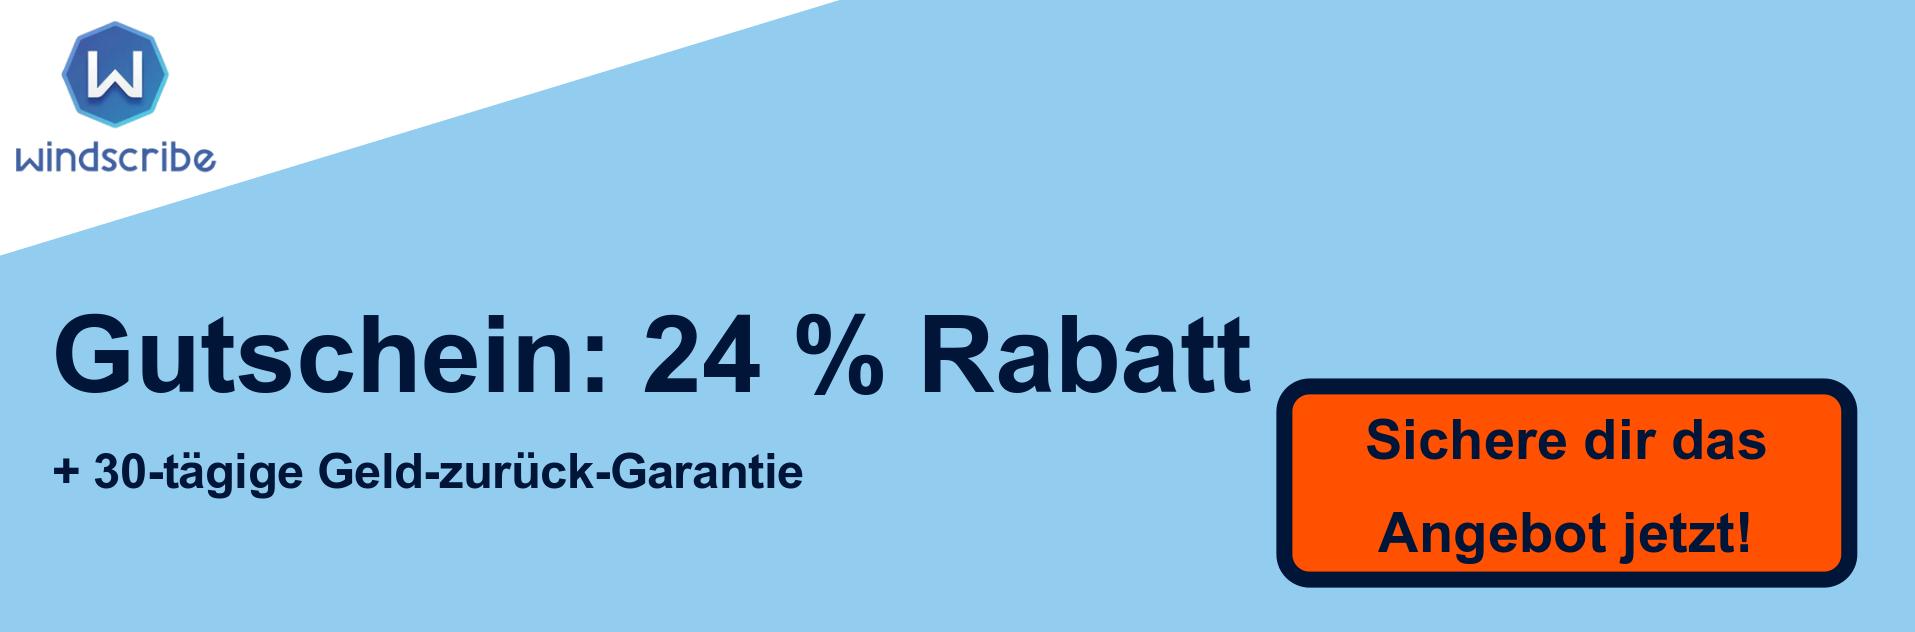 WindScribe VPN-Gutscheinbanner - 24% Rabatt